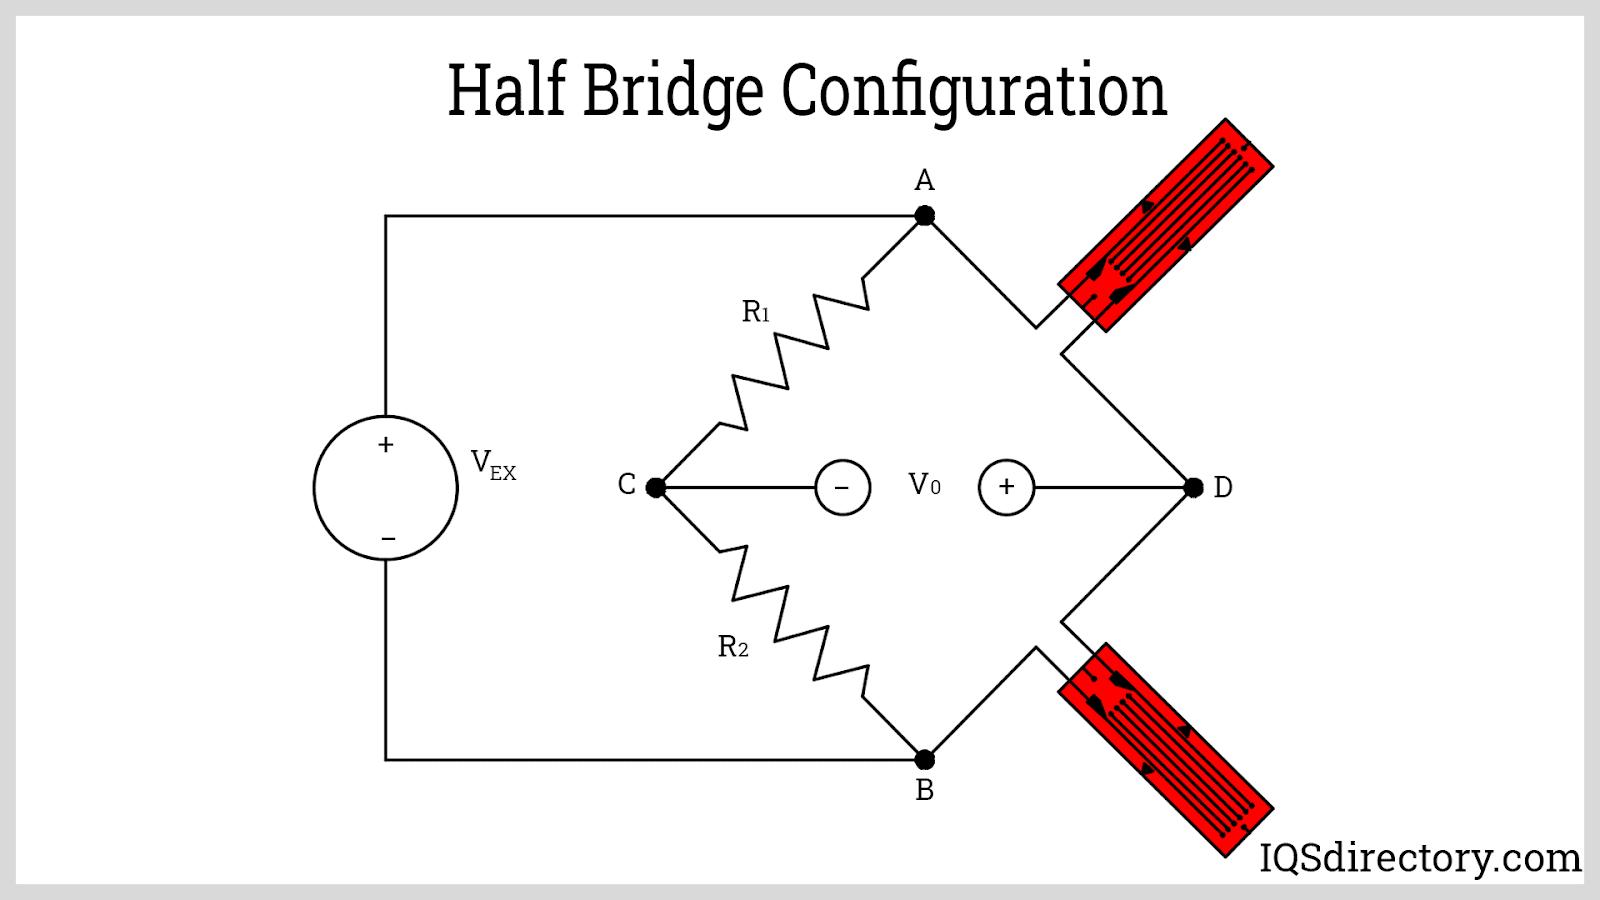 Half Bridge Configuration